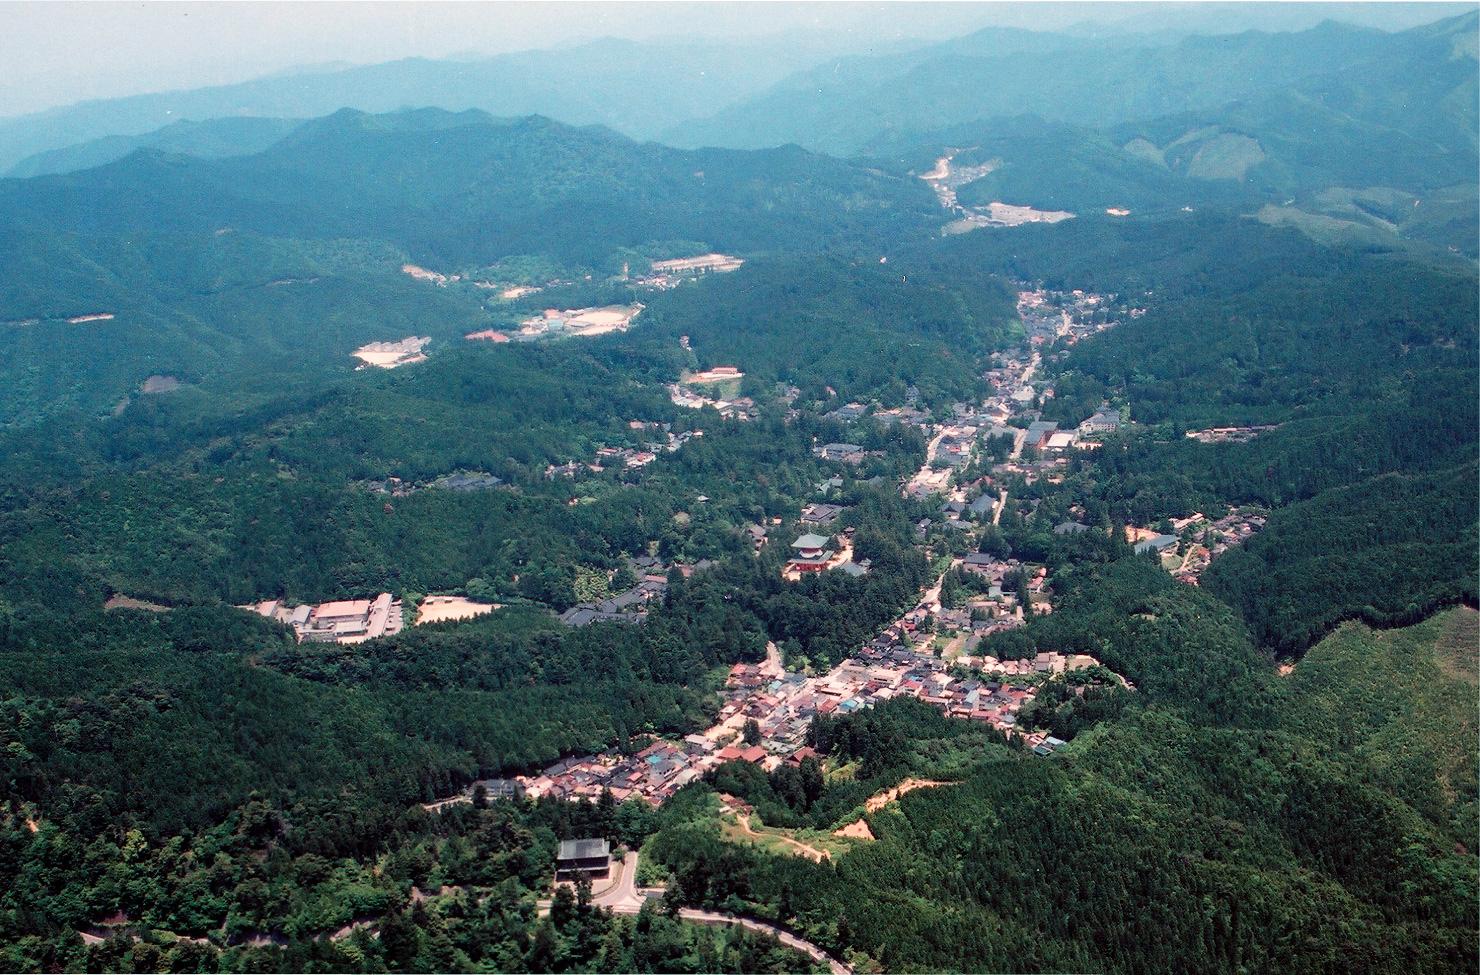 歴史や文化にまつわるさまざまな名所と逸話がある高野山